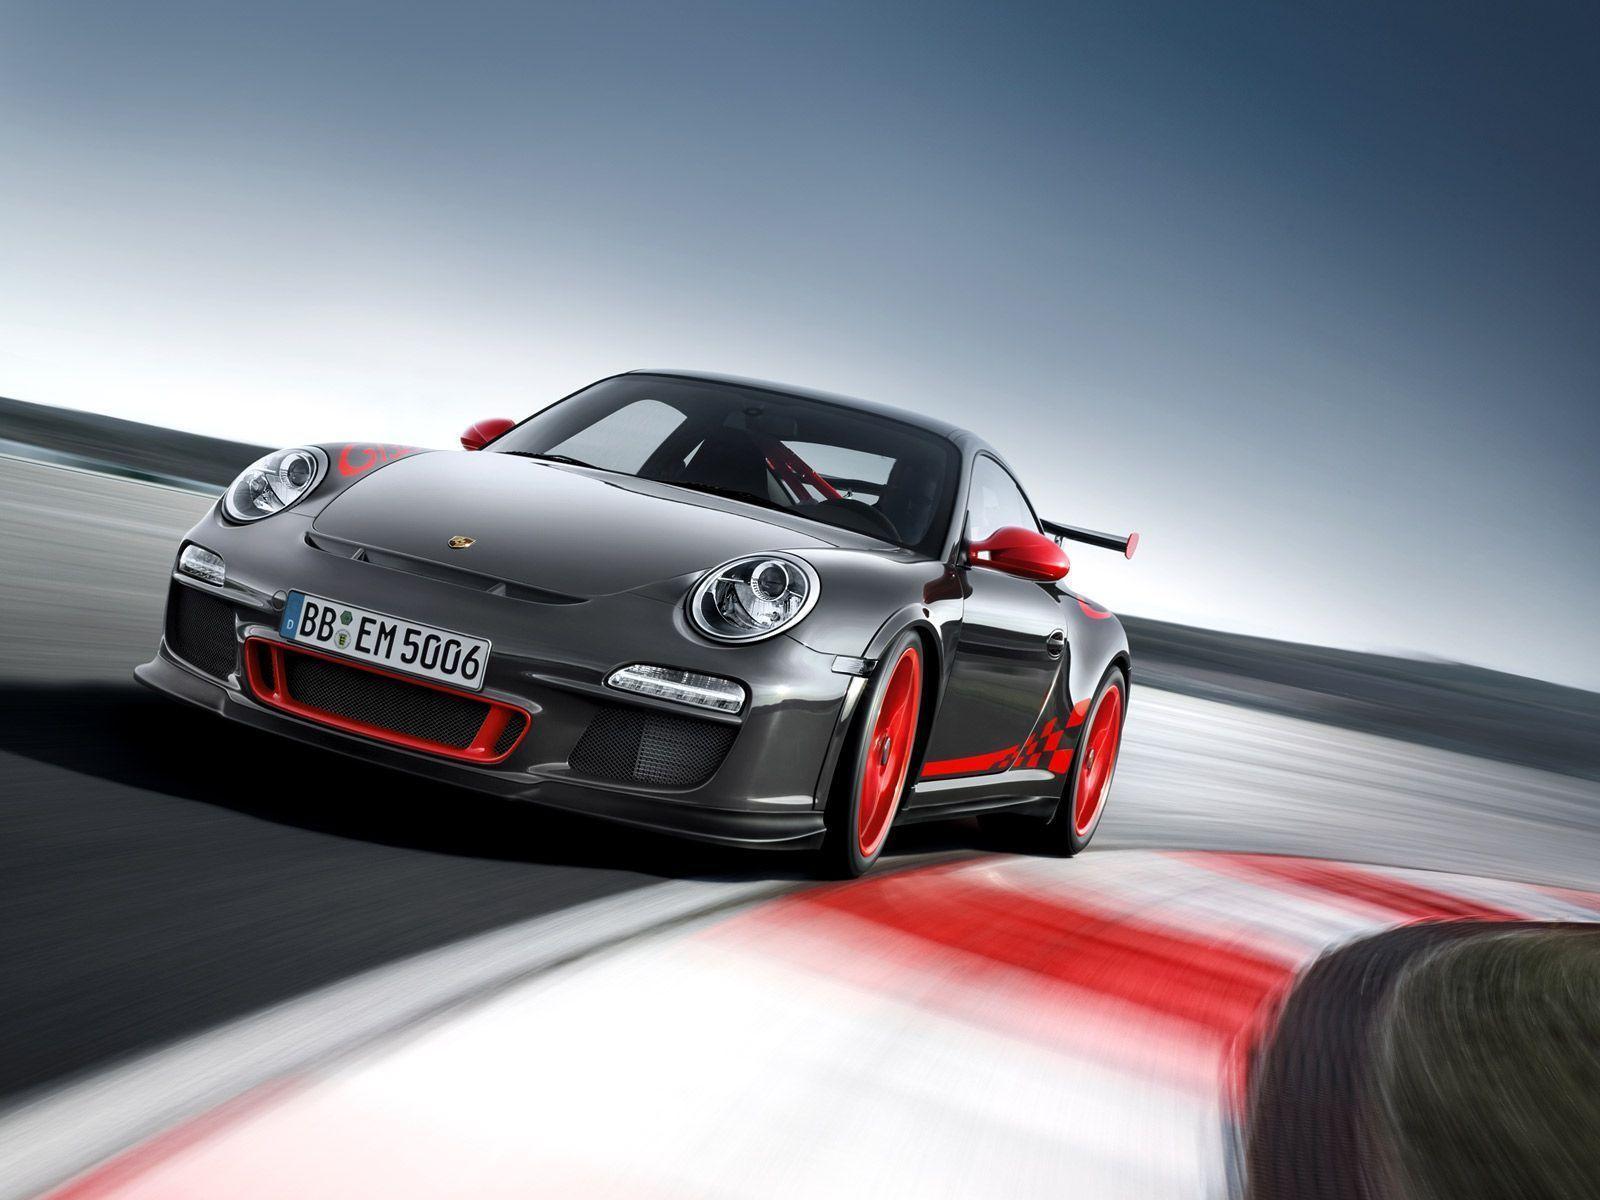 Porsche wallpapers | Porsche background - Page 20